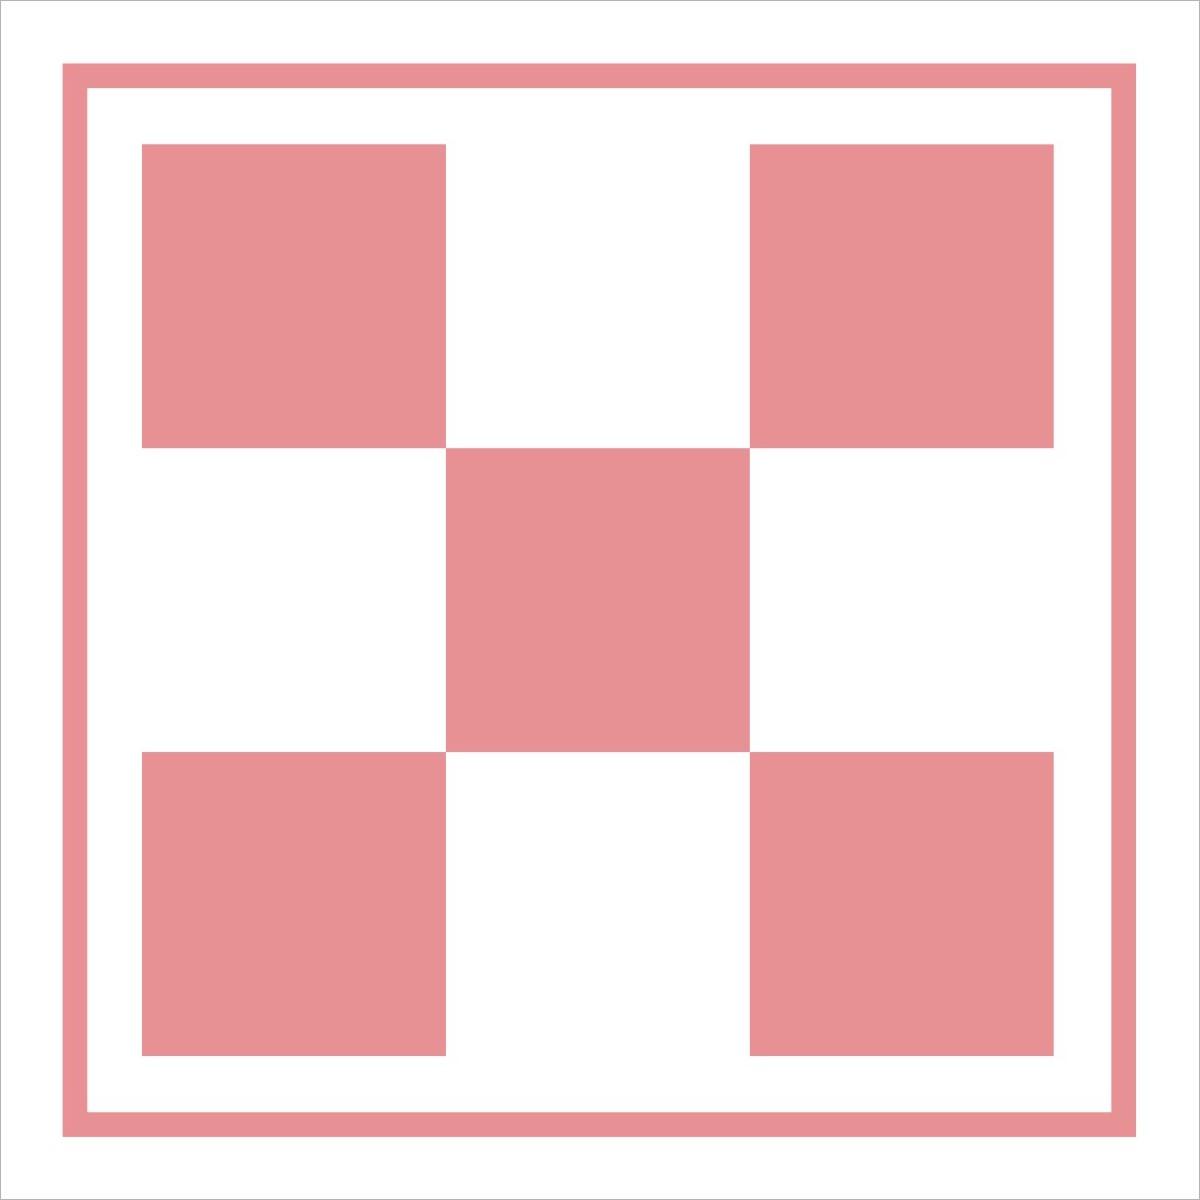 Beneful Grain Free Chicken Dog Food